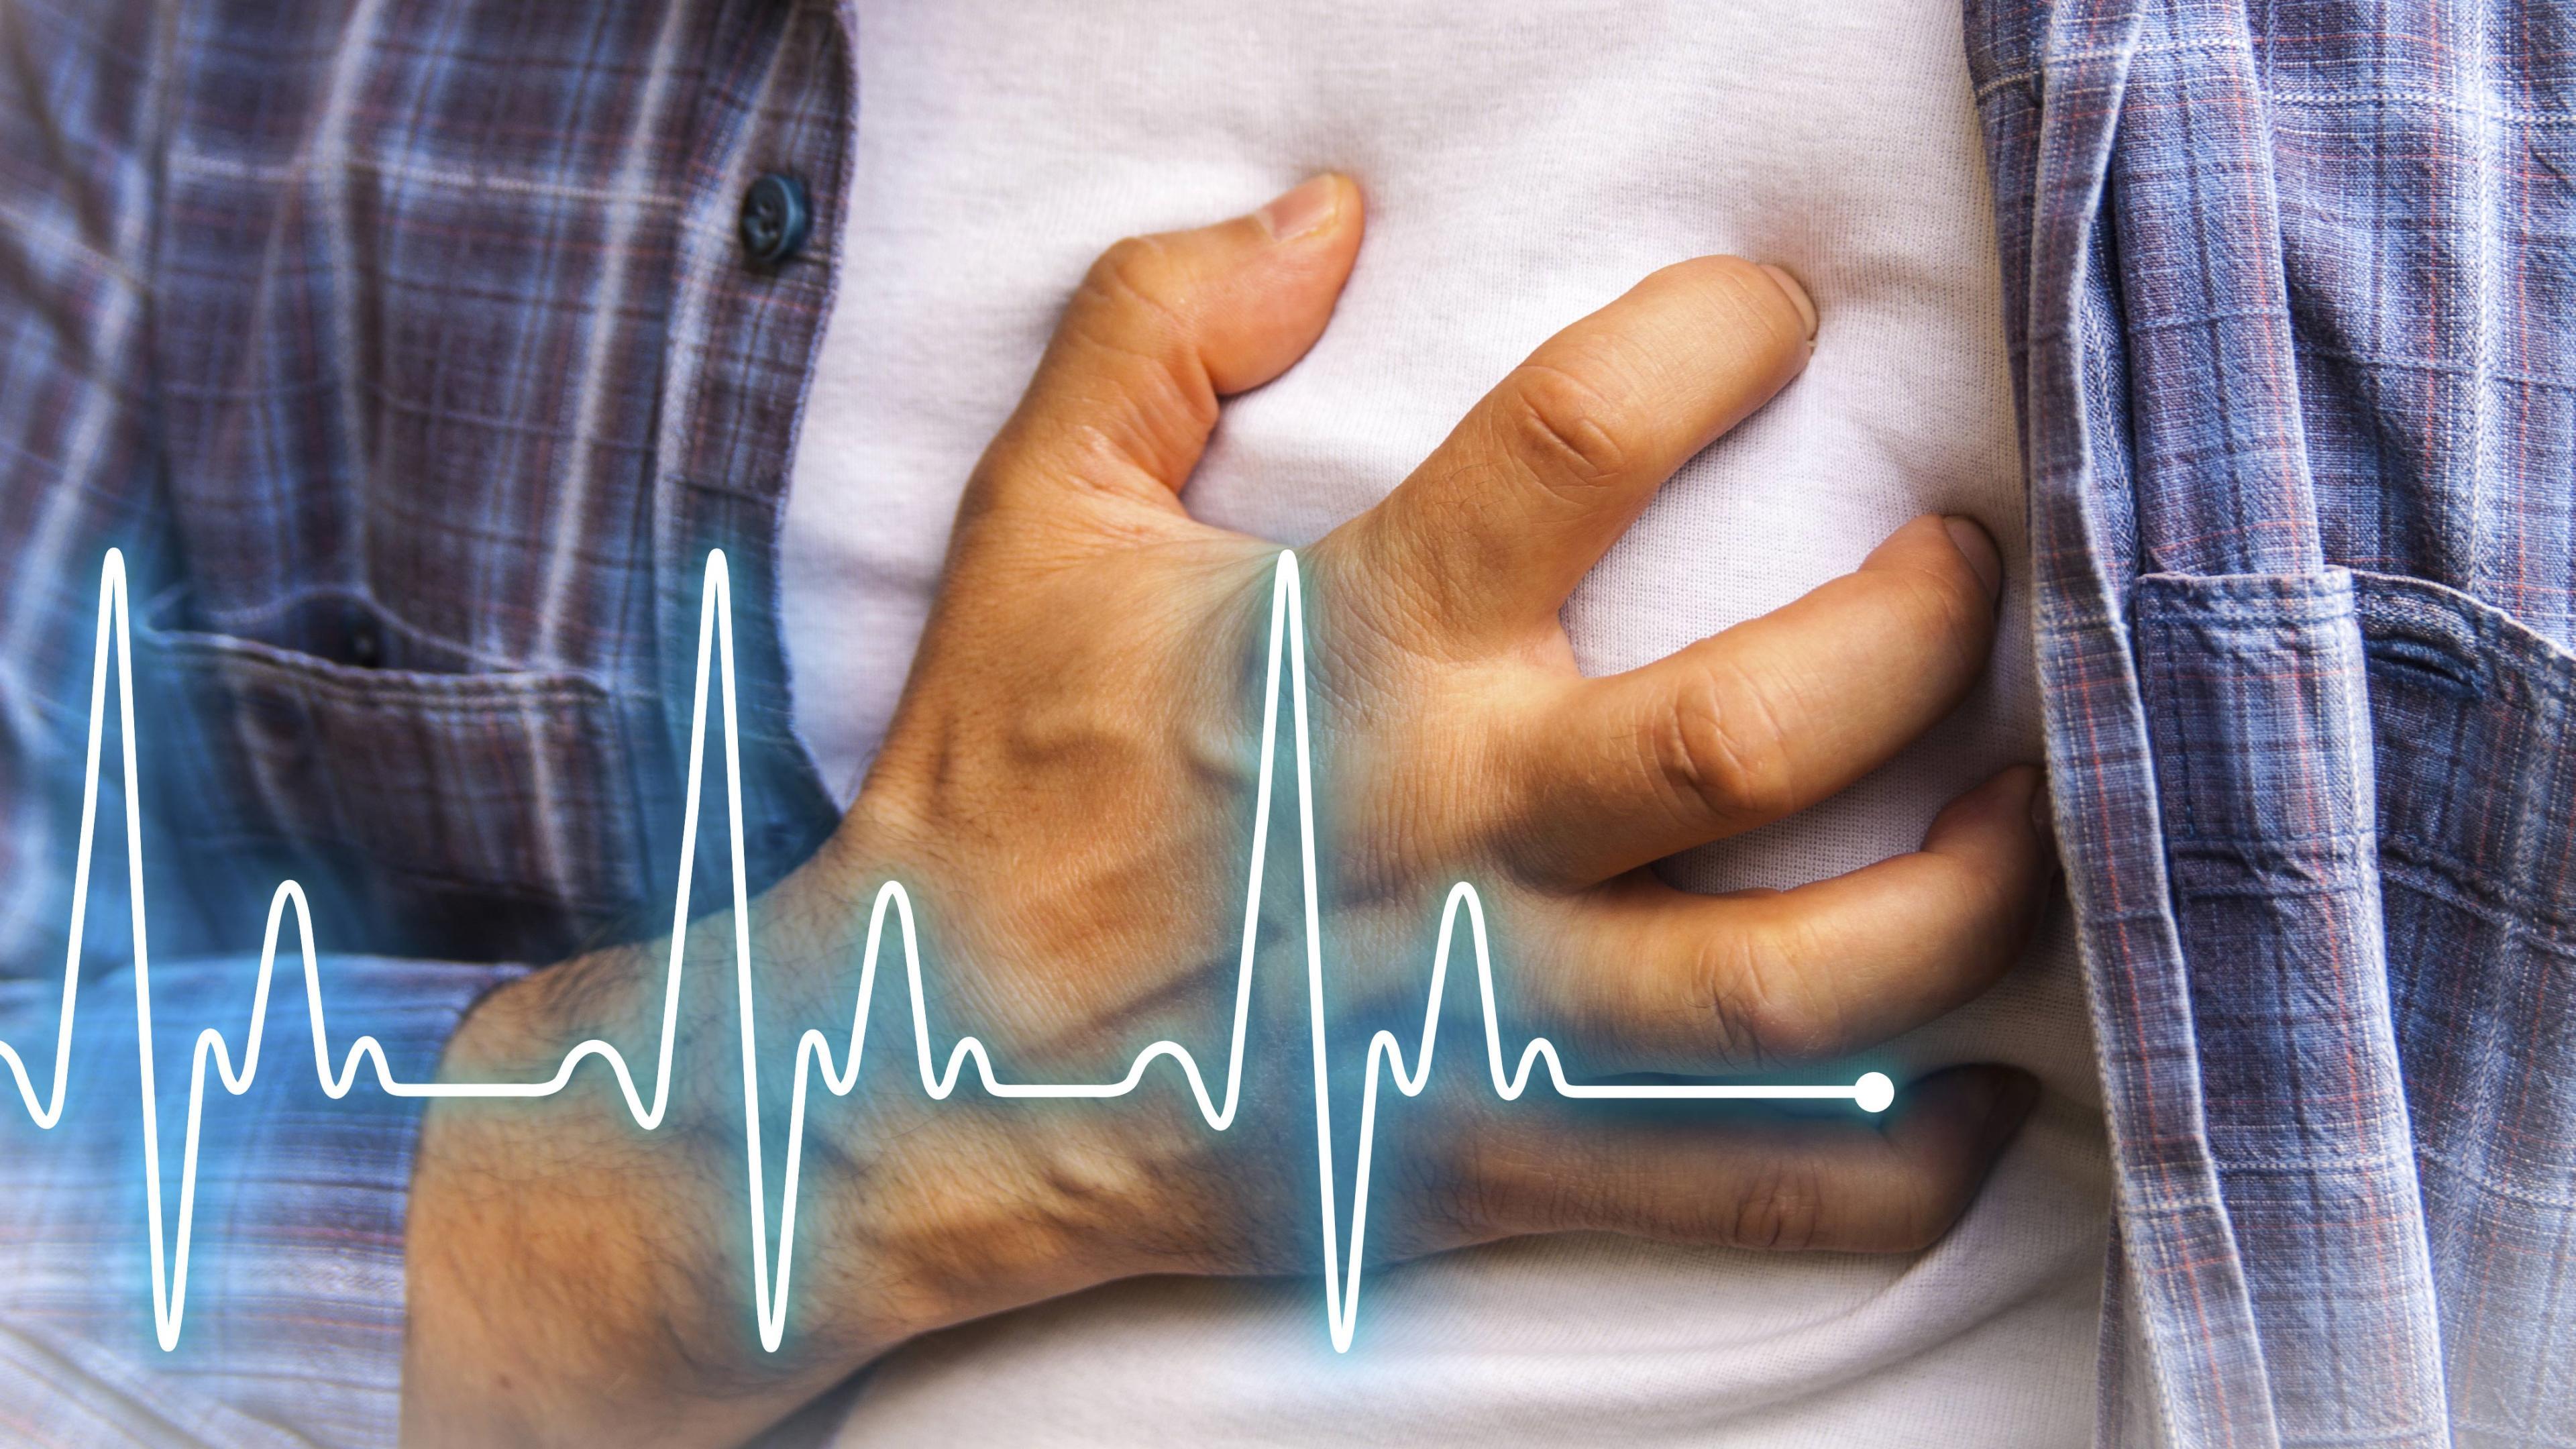 Сердечная недостаточность как фактор, повышающий риск развития COVID-19